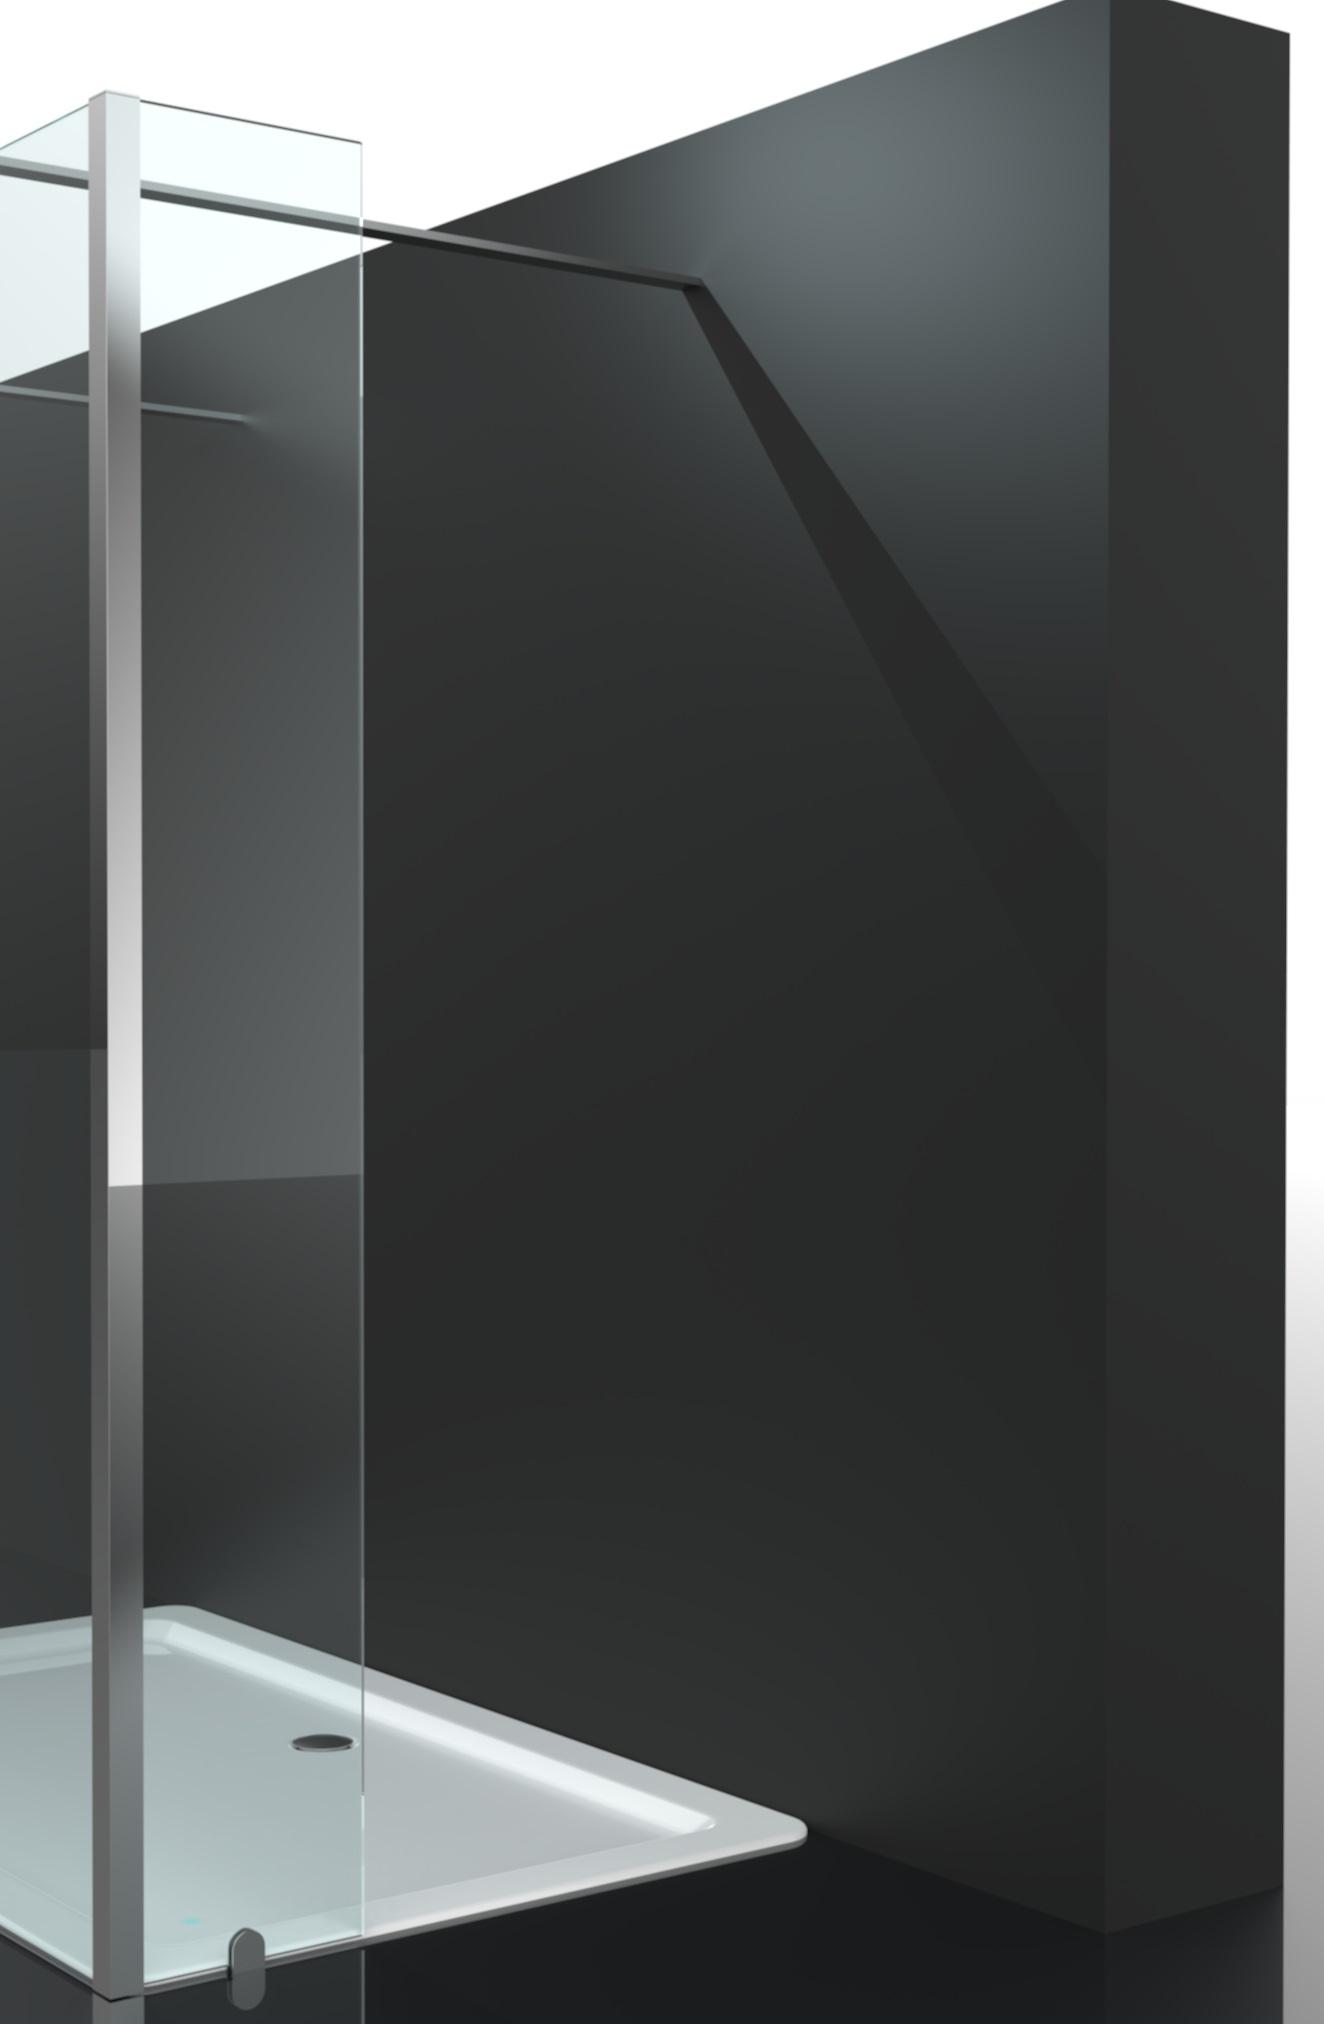 Best Design Erico klikzijwand 40x200cm ANTI-KALK